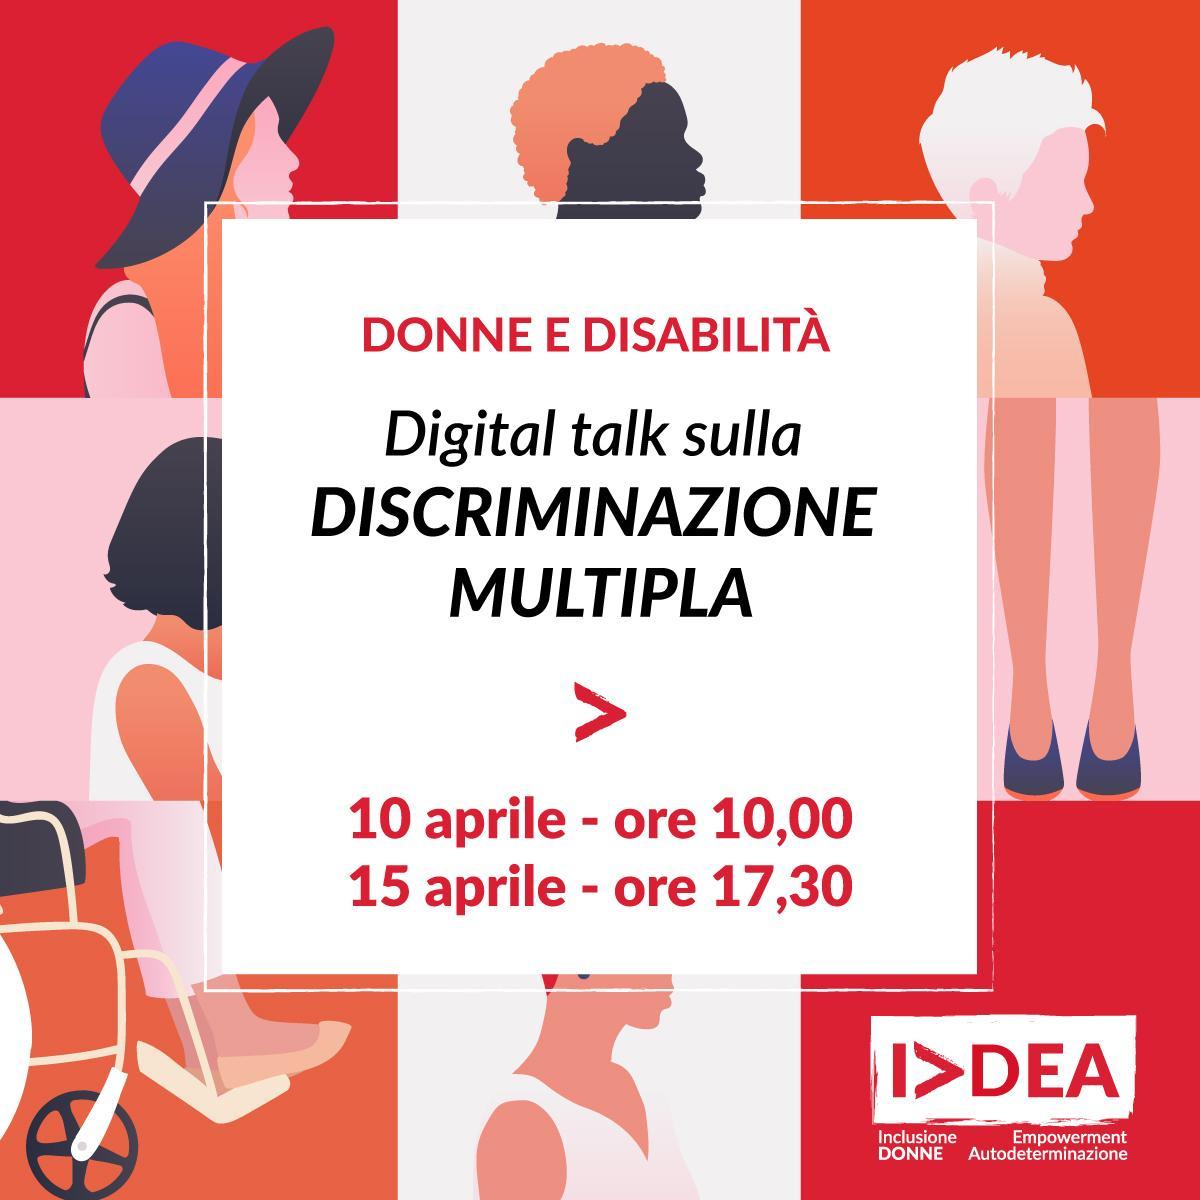 Idea - digital talk